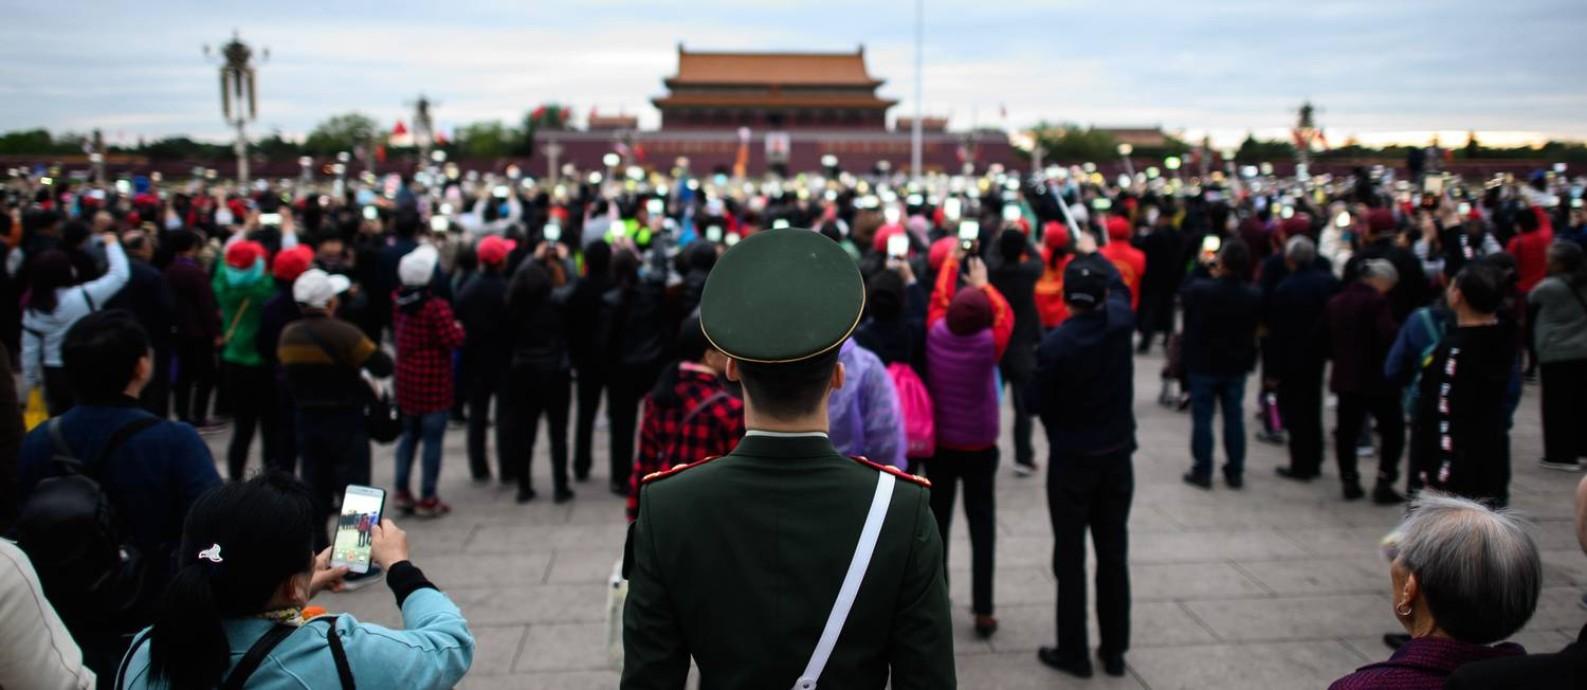 Policial na Praça da Paz Celestial, onde turistas fotogravam o centro do poder chinês Foto: STR / AFP/8-4-2019